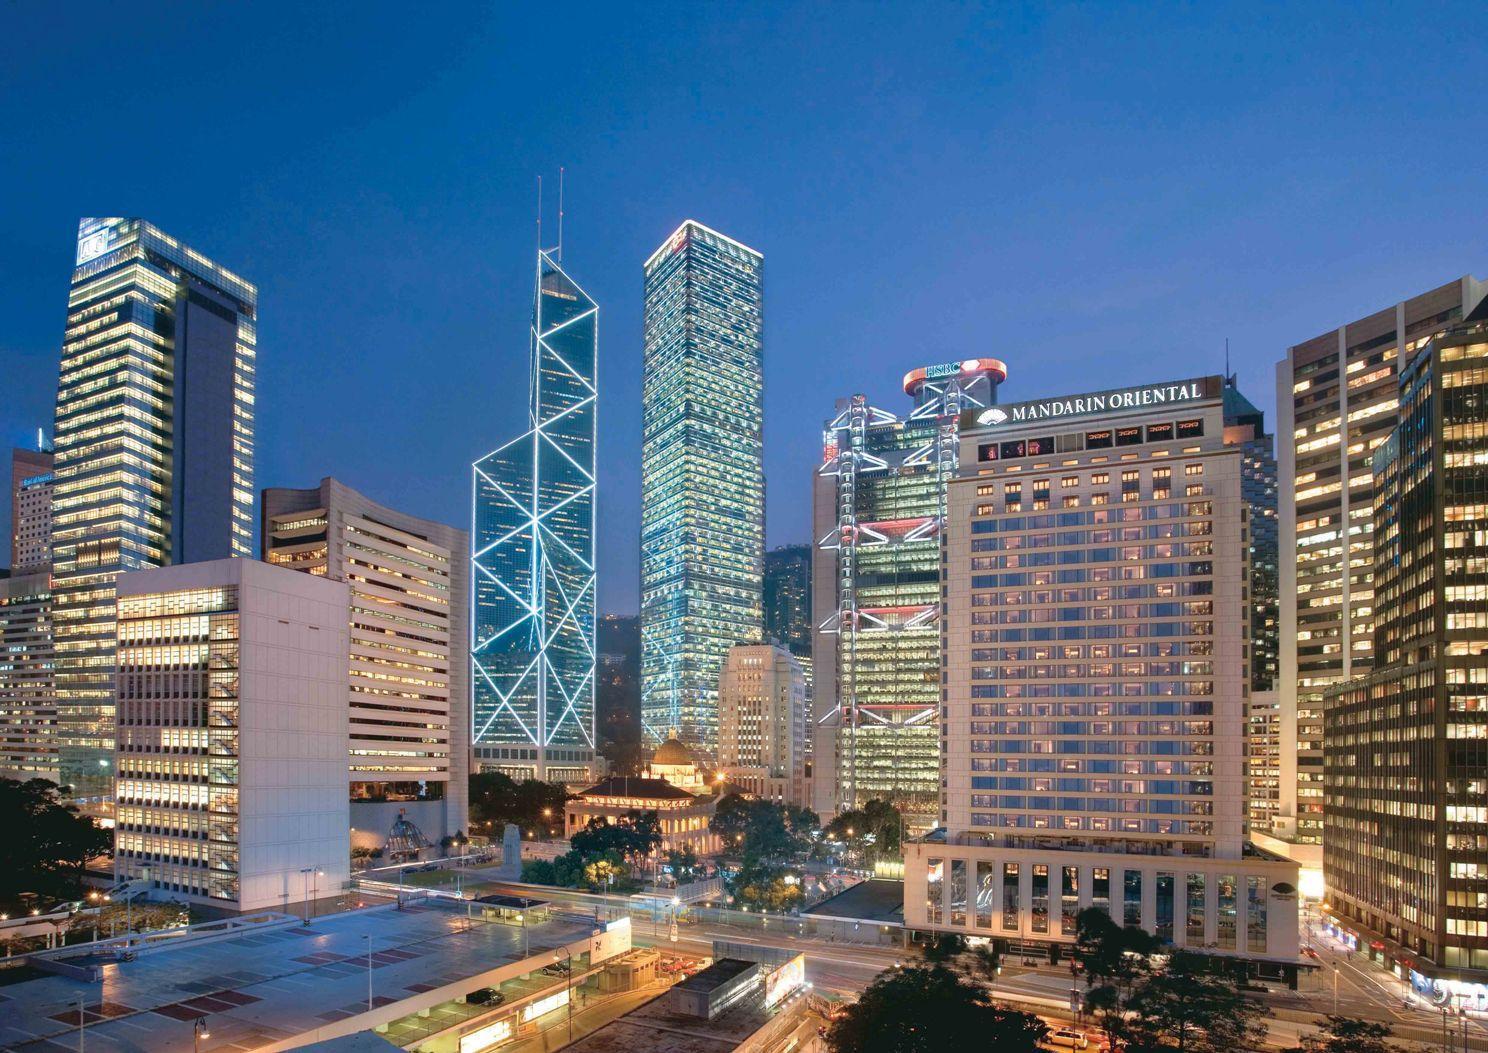 připojit aplikace hong kong čínské ženy datování